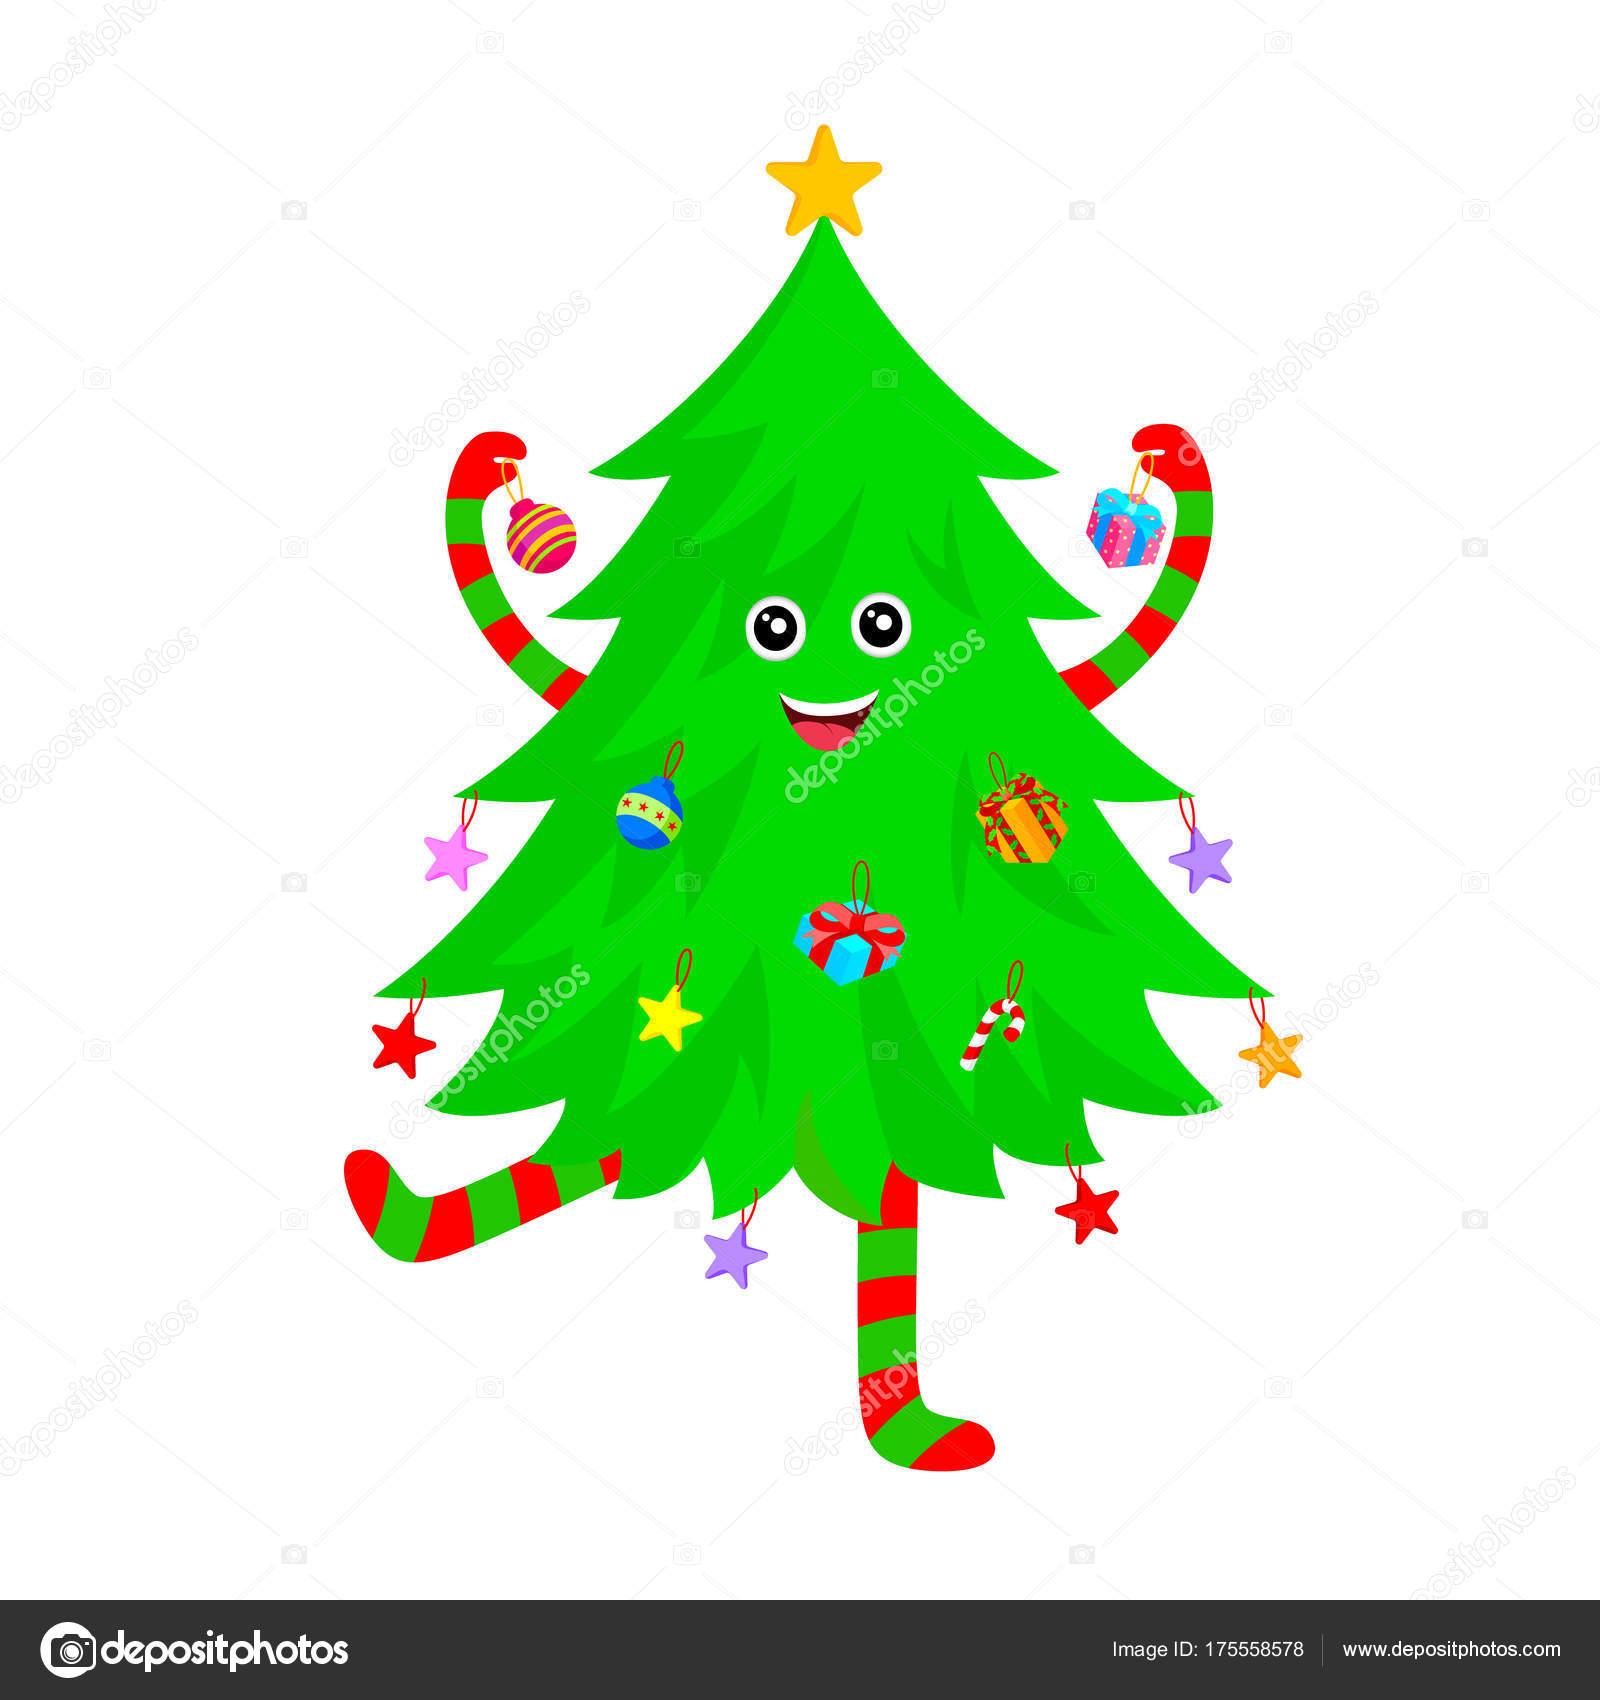 Imagenes Arboles De Navidad Diseno Personajes Dibujos Animados - Arbol-navidad-diseo